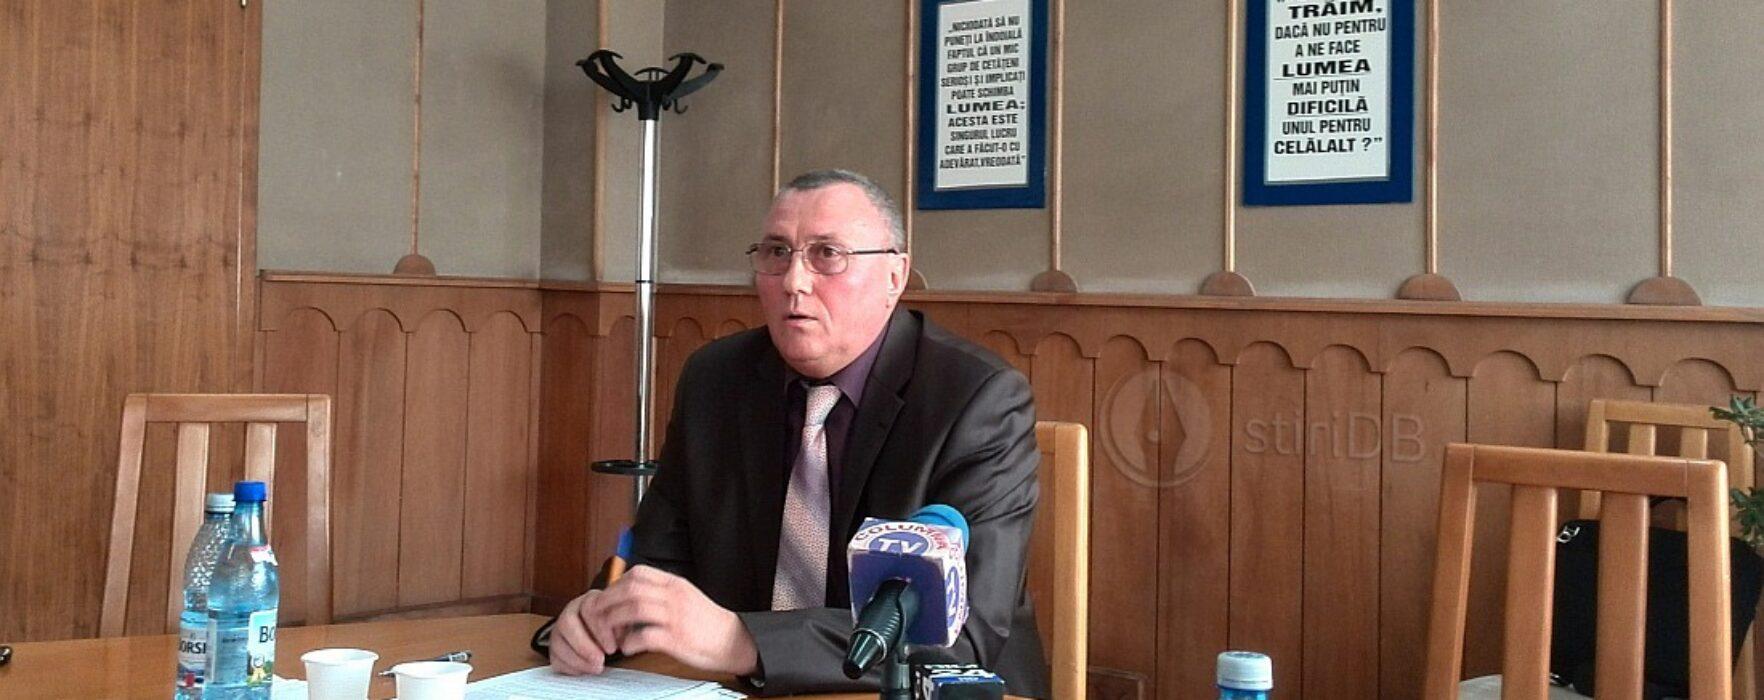 Primarul PNL din Pucioasa contestă alegerea lui Iohannis la şefia partidului